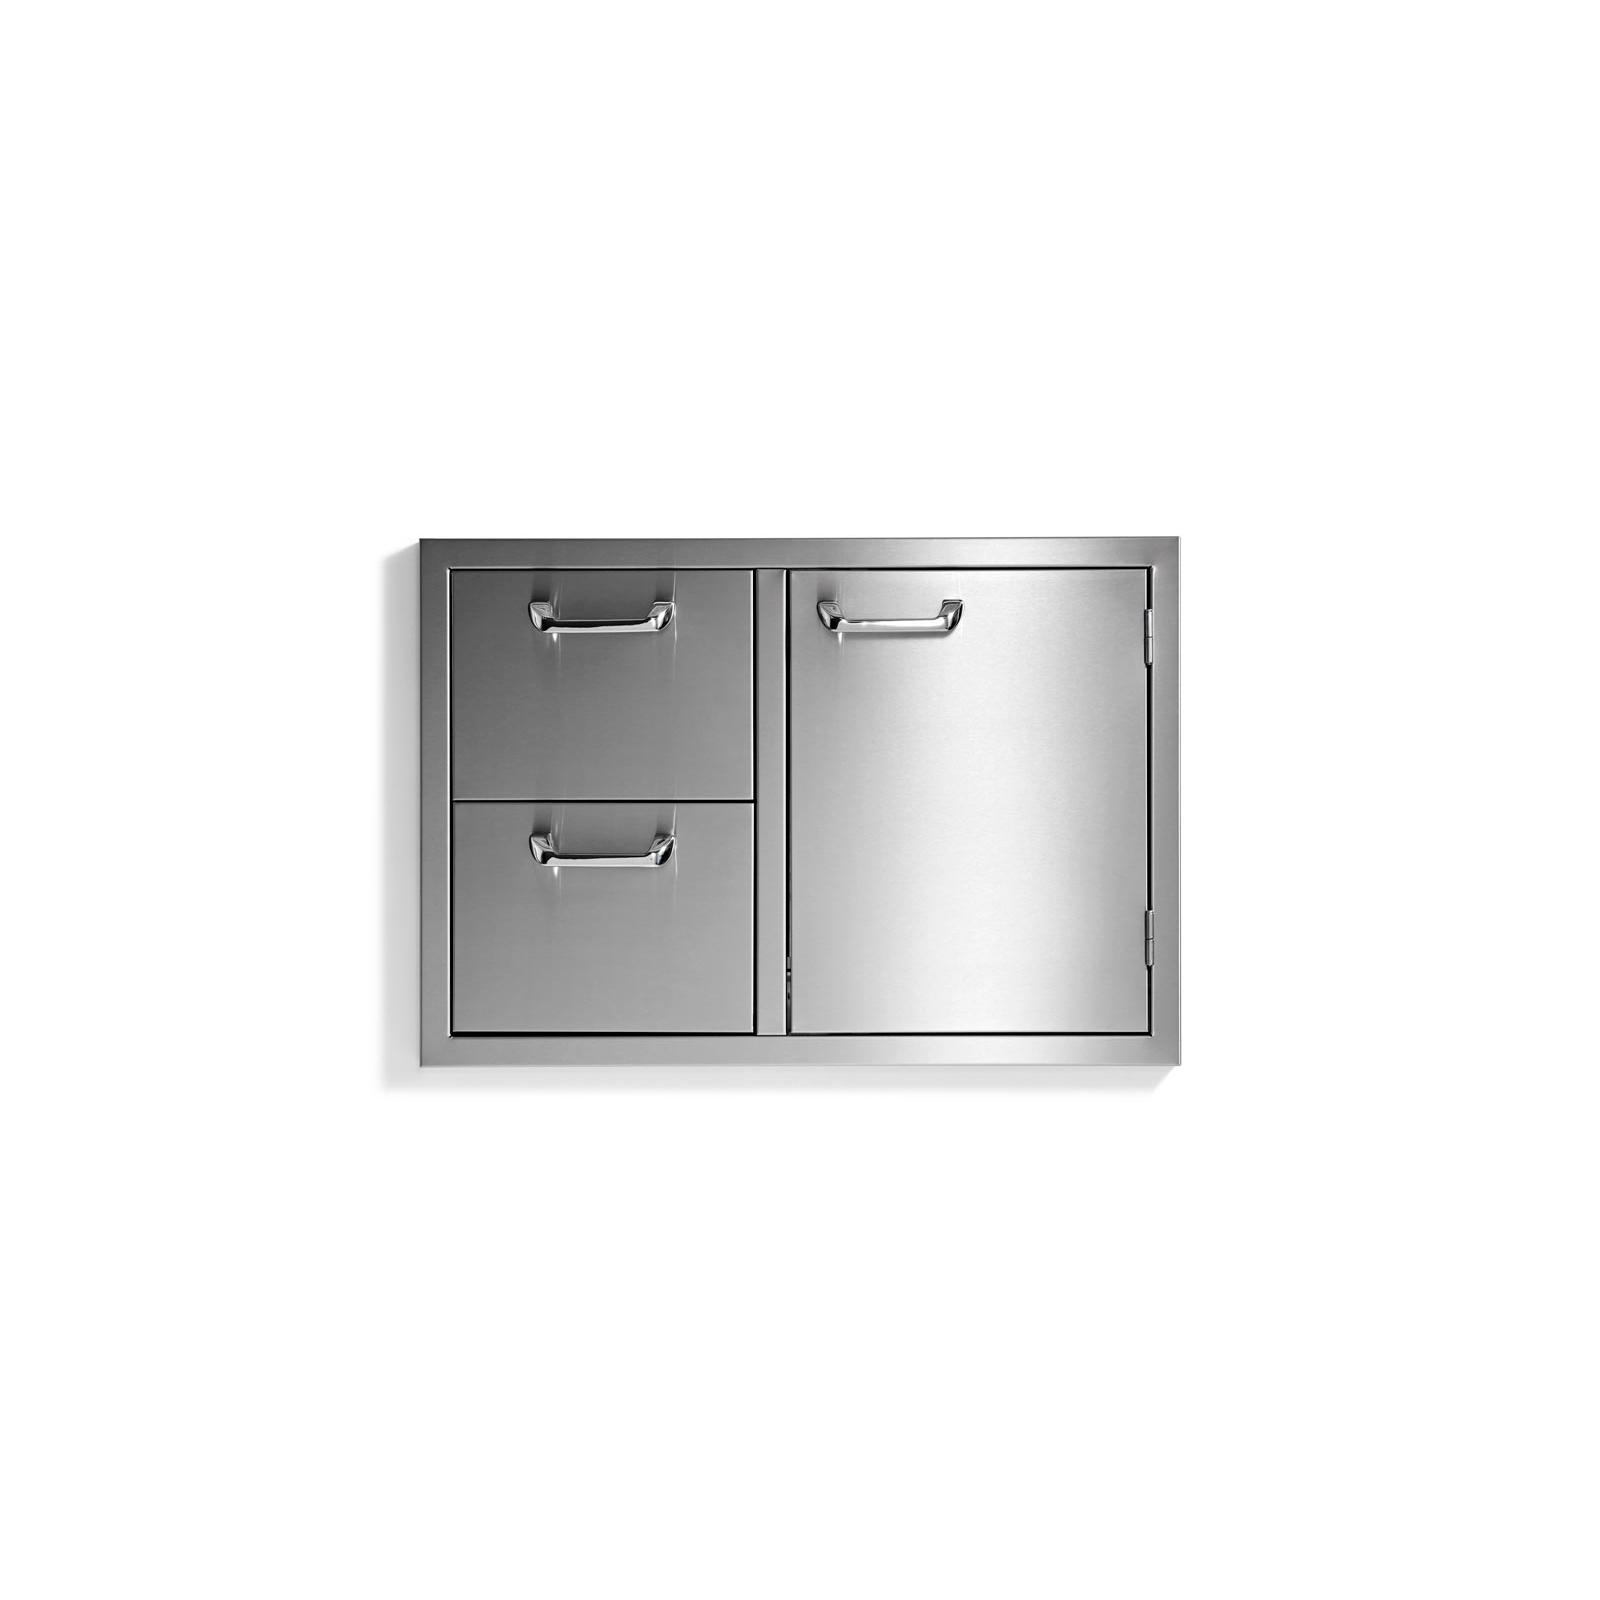 30in Sedona Double Drawer and Door Combo